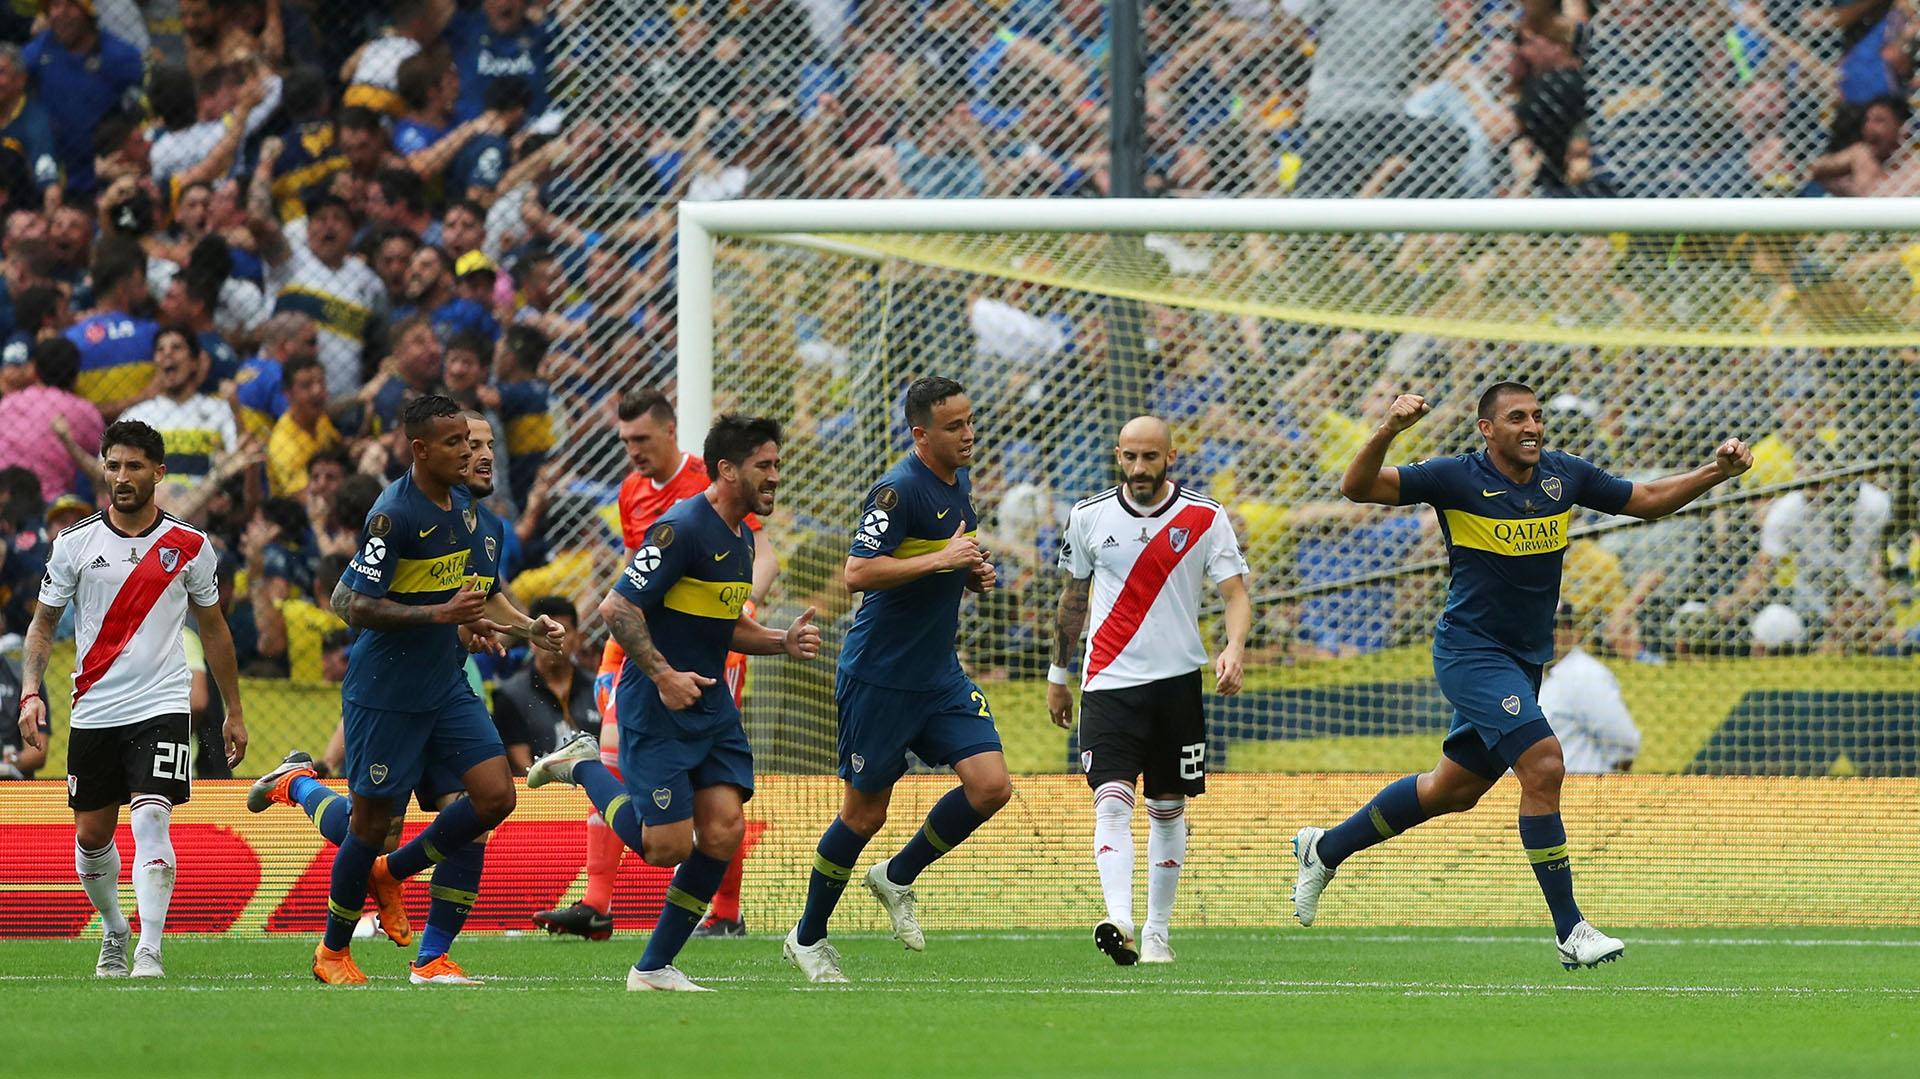 El delantero fusiló a Franco Armani en dos oportunidades para poder marcar el tanto